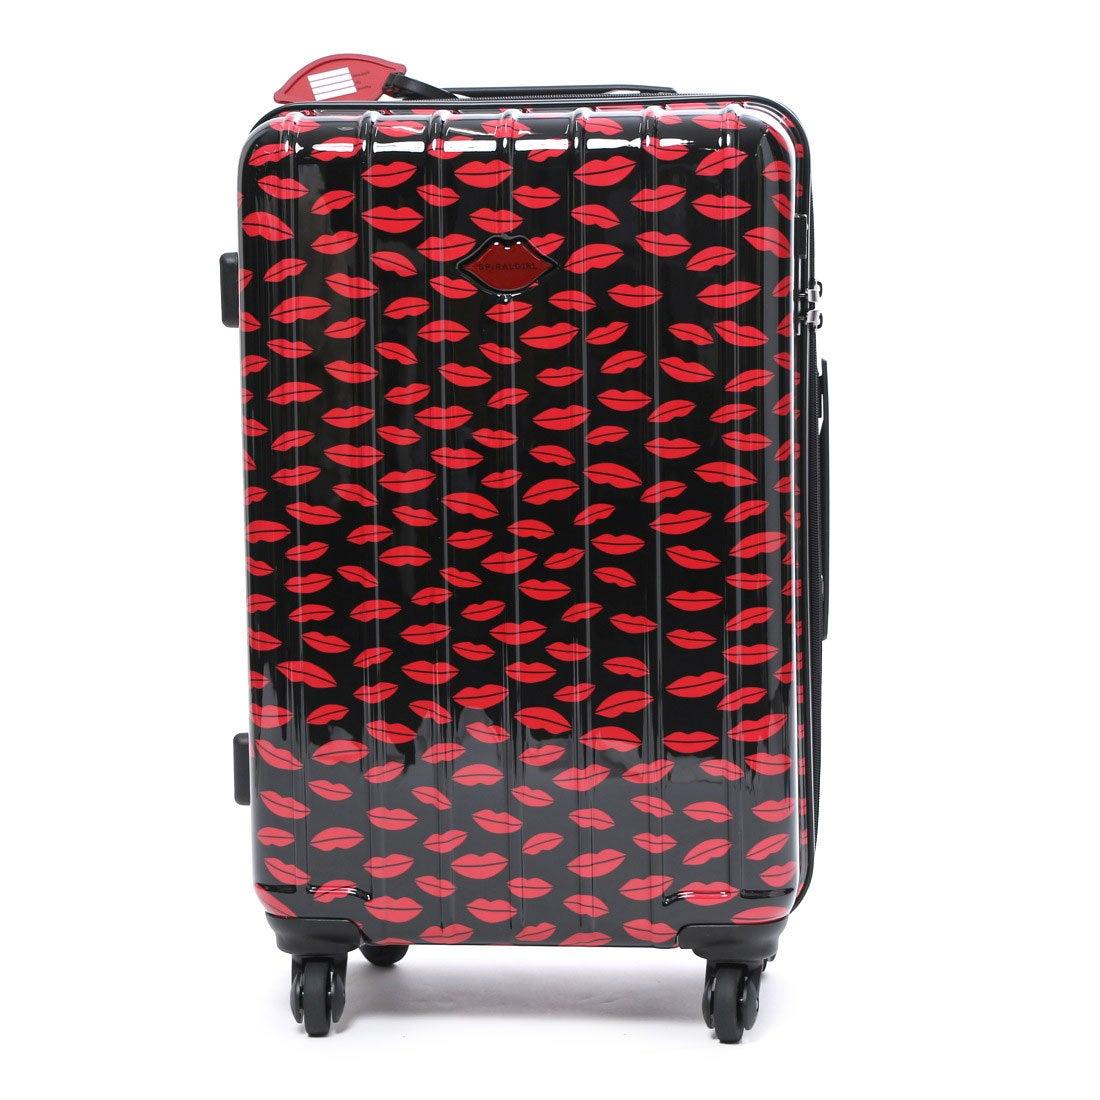 9ba82596356f スパイラルガール SPIRAL GIRL スーツケース 50L拡張機能付トラベルハードキャリー (ブラック&レッド) -レディースファッション通販  ロコンドガールズコレクション ...